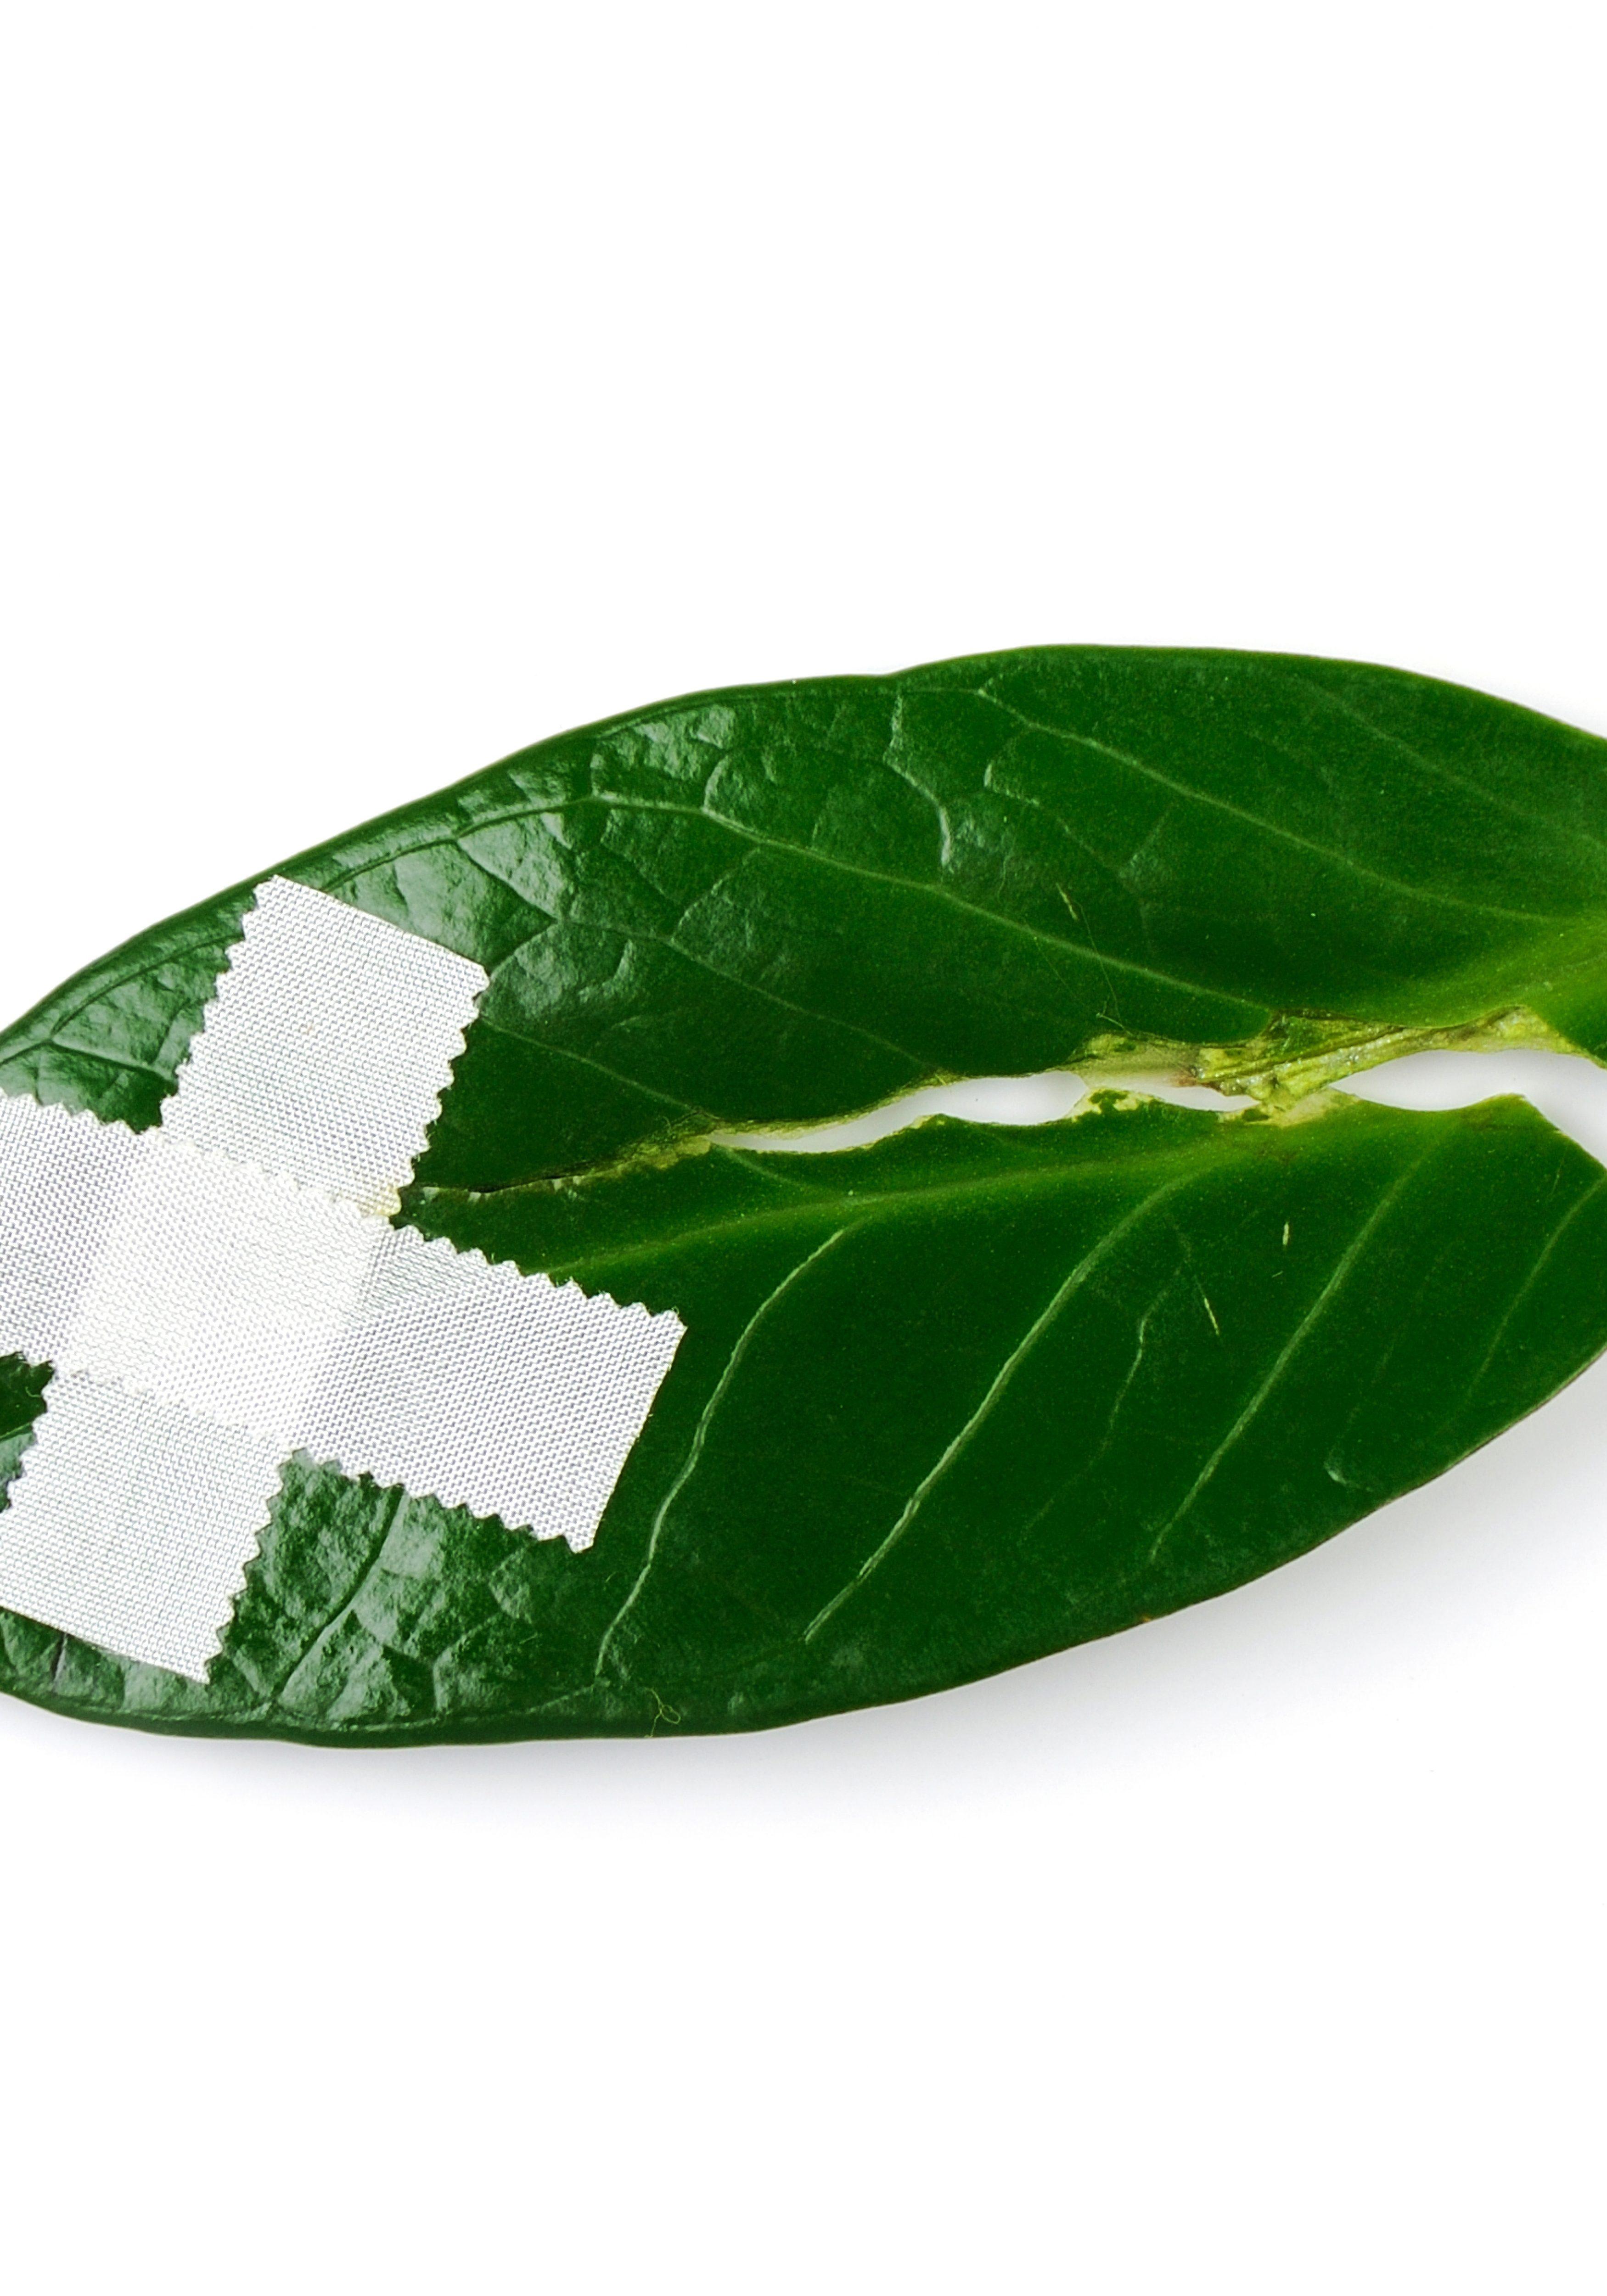 Band-Aid-environment-3500x5000.jpg